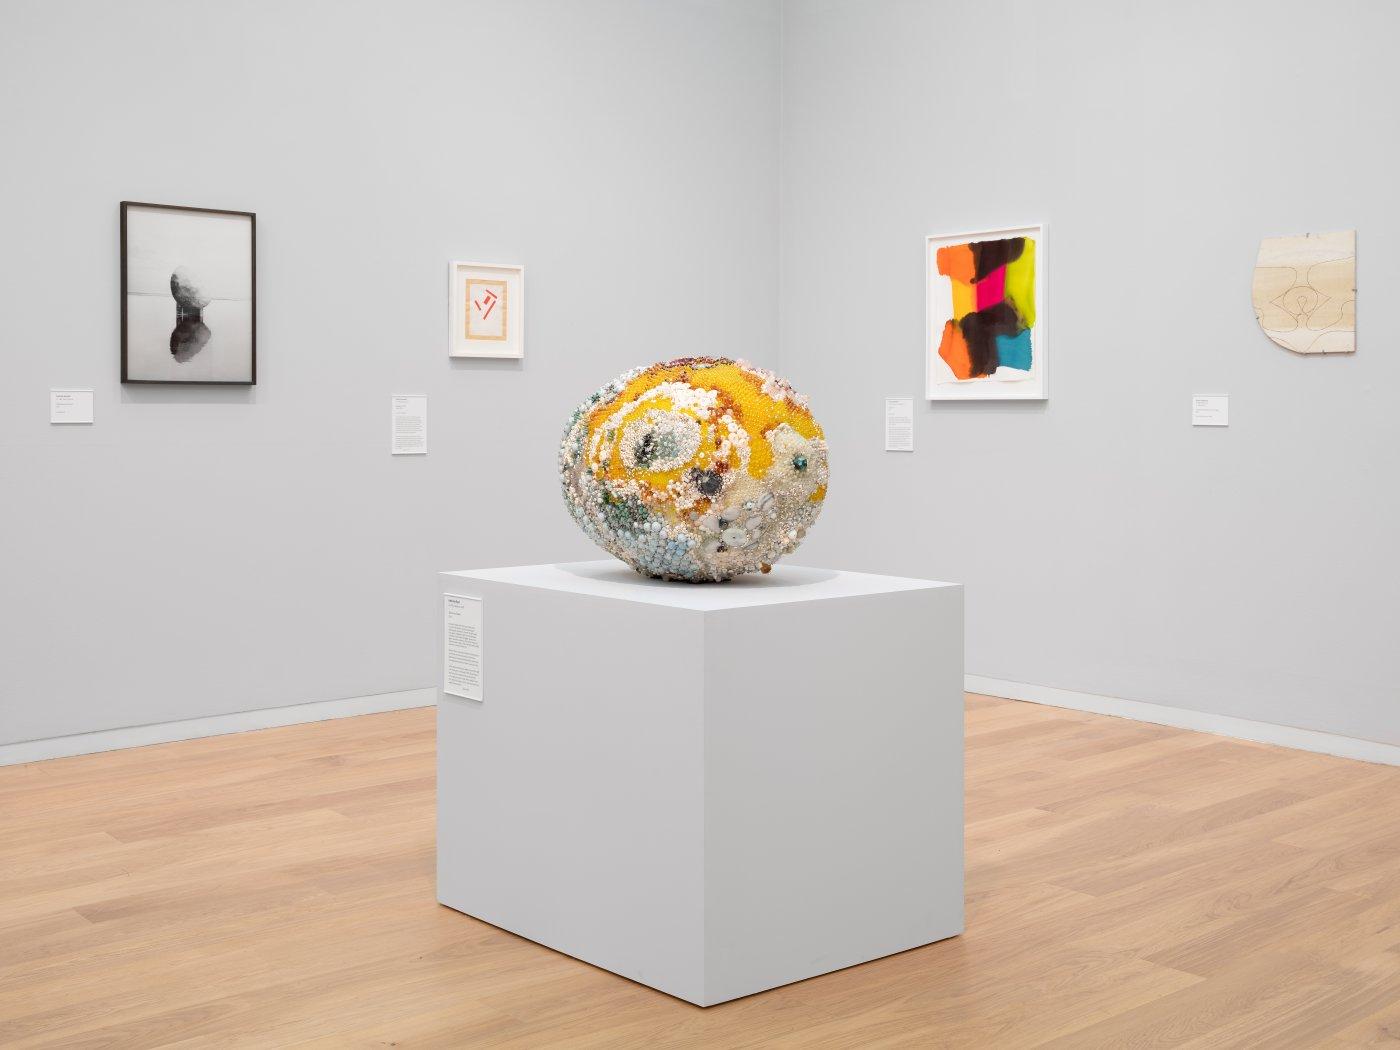 Whitechapel Gallery Gary Hume Hiscox 9